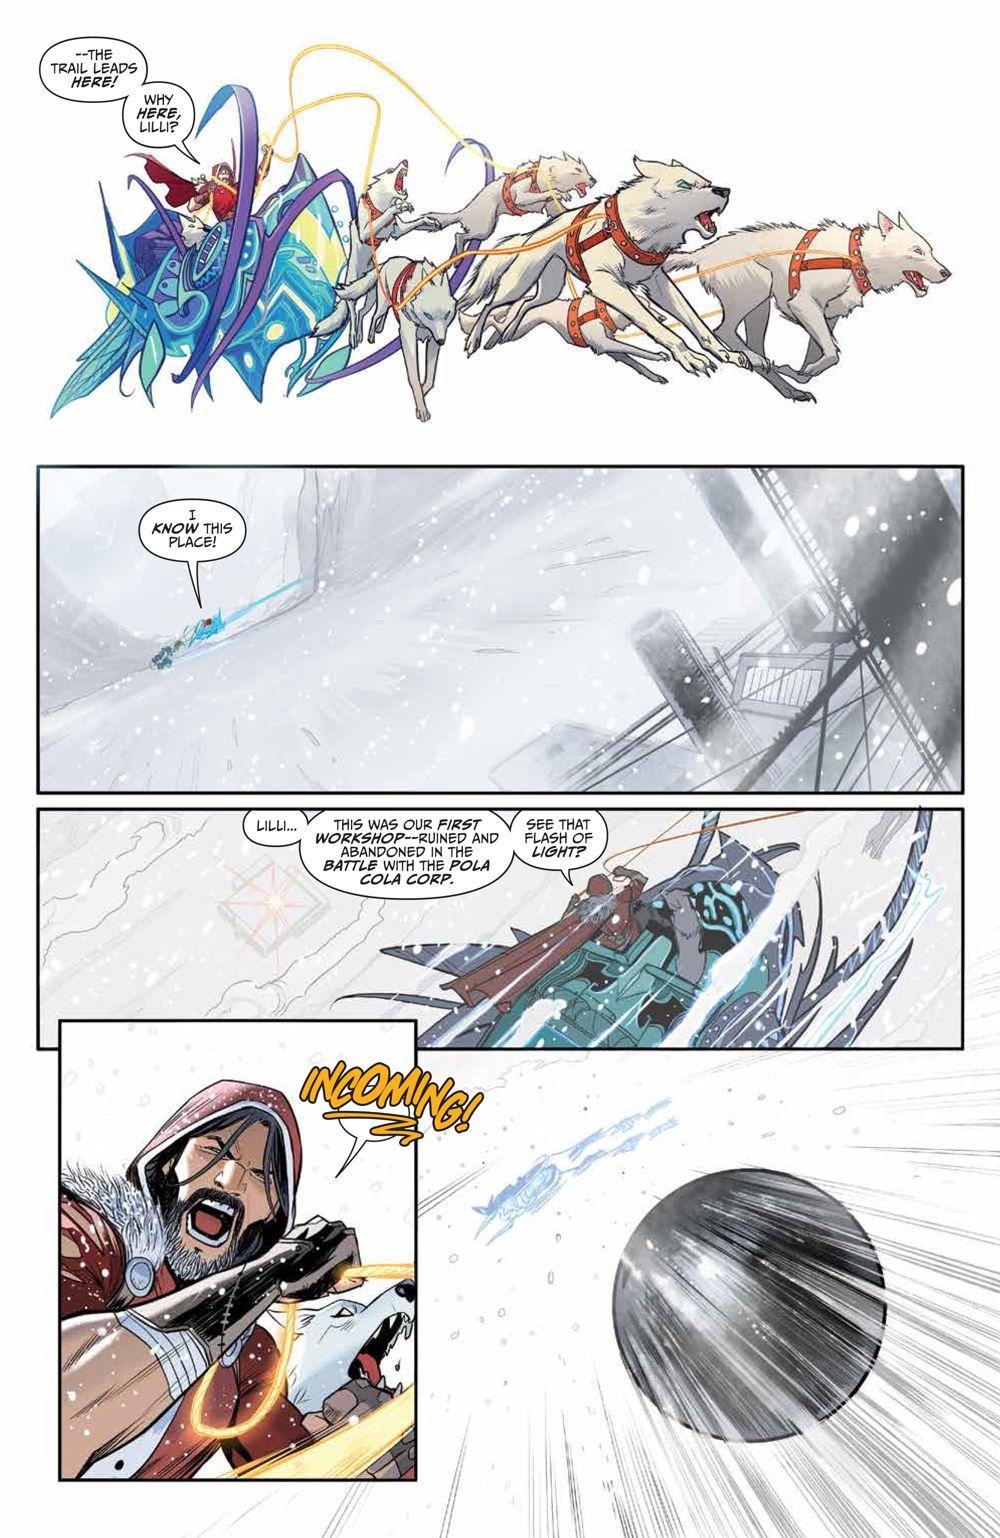 Klaus_NewAdventures_SC_PRESS_18 ComicList Previews: KLAUS THE NEW ADVENTURES OF SANTA CLAUS GN